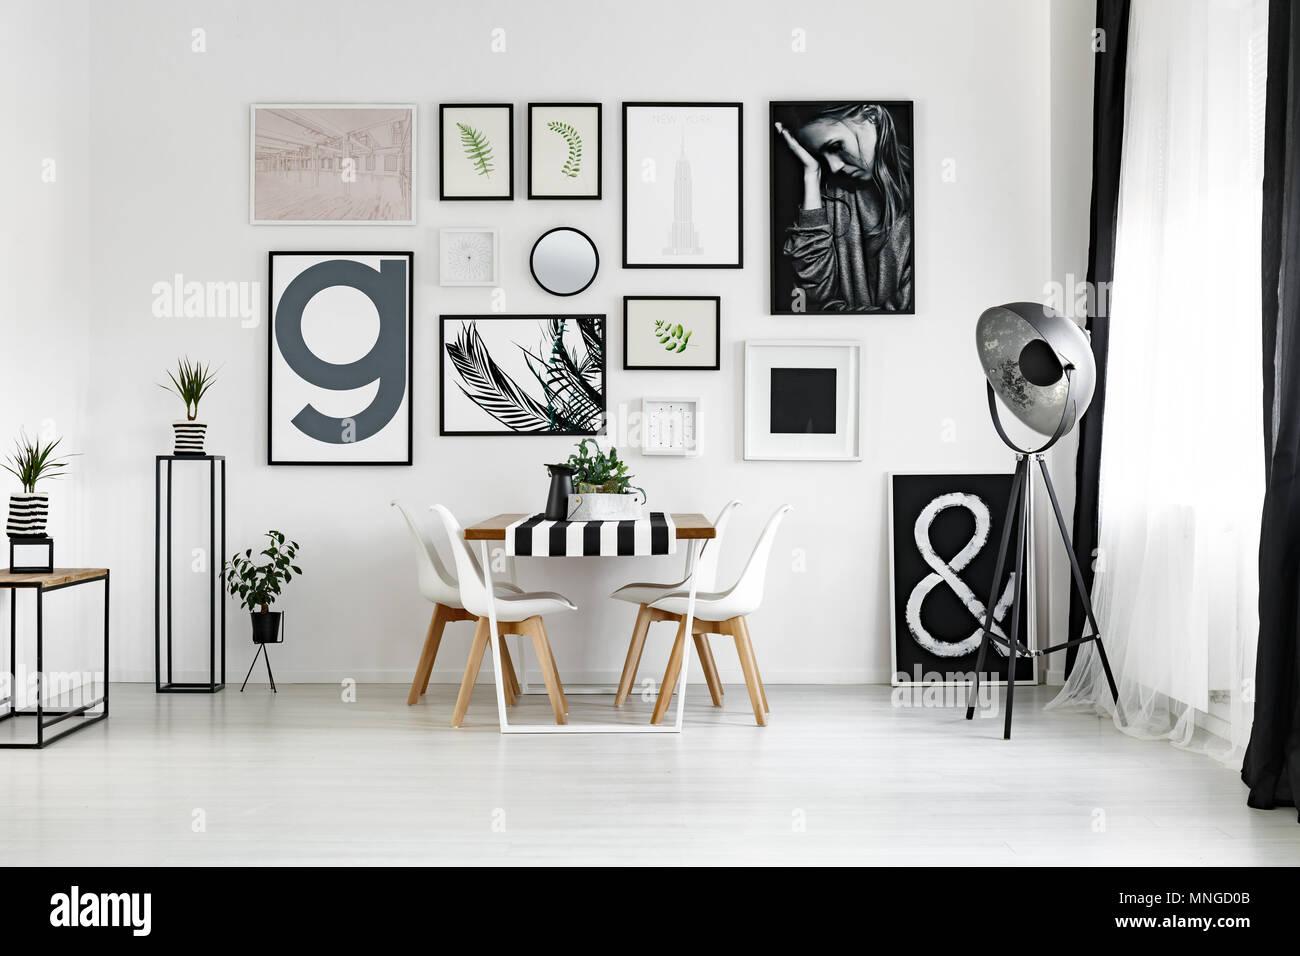 Mesa de comedor por la pared blanca con carteles en el espacioso salón Foto de stock